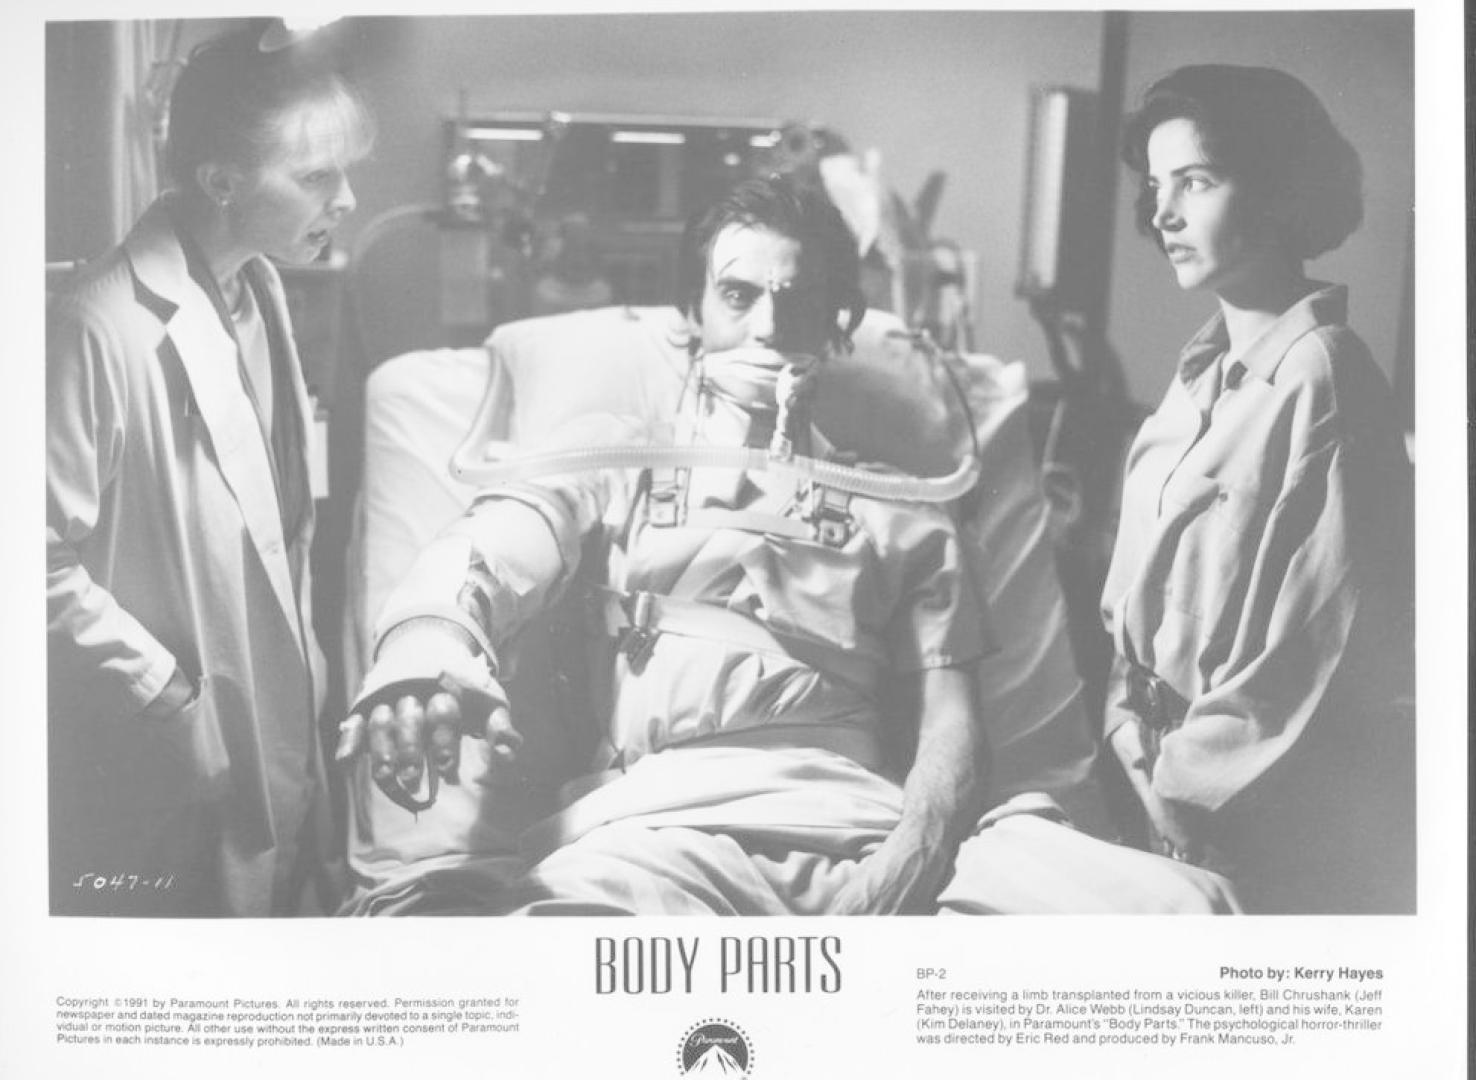 Body Parts / Testrészek / Gyilkos testrész (1991)